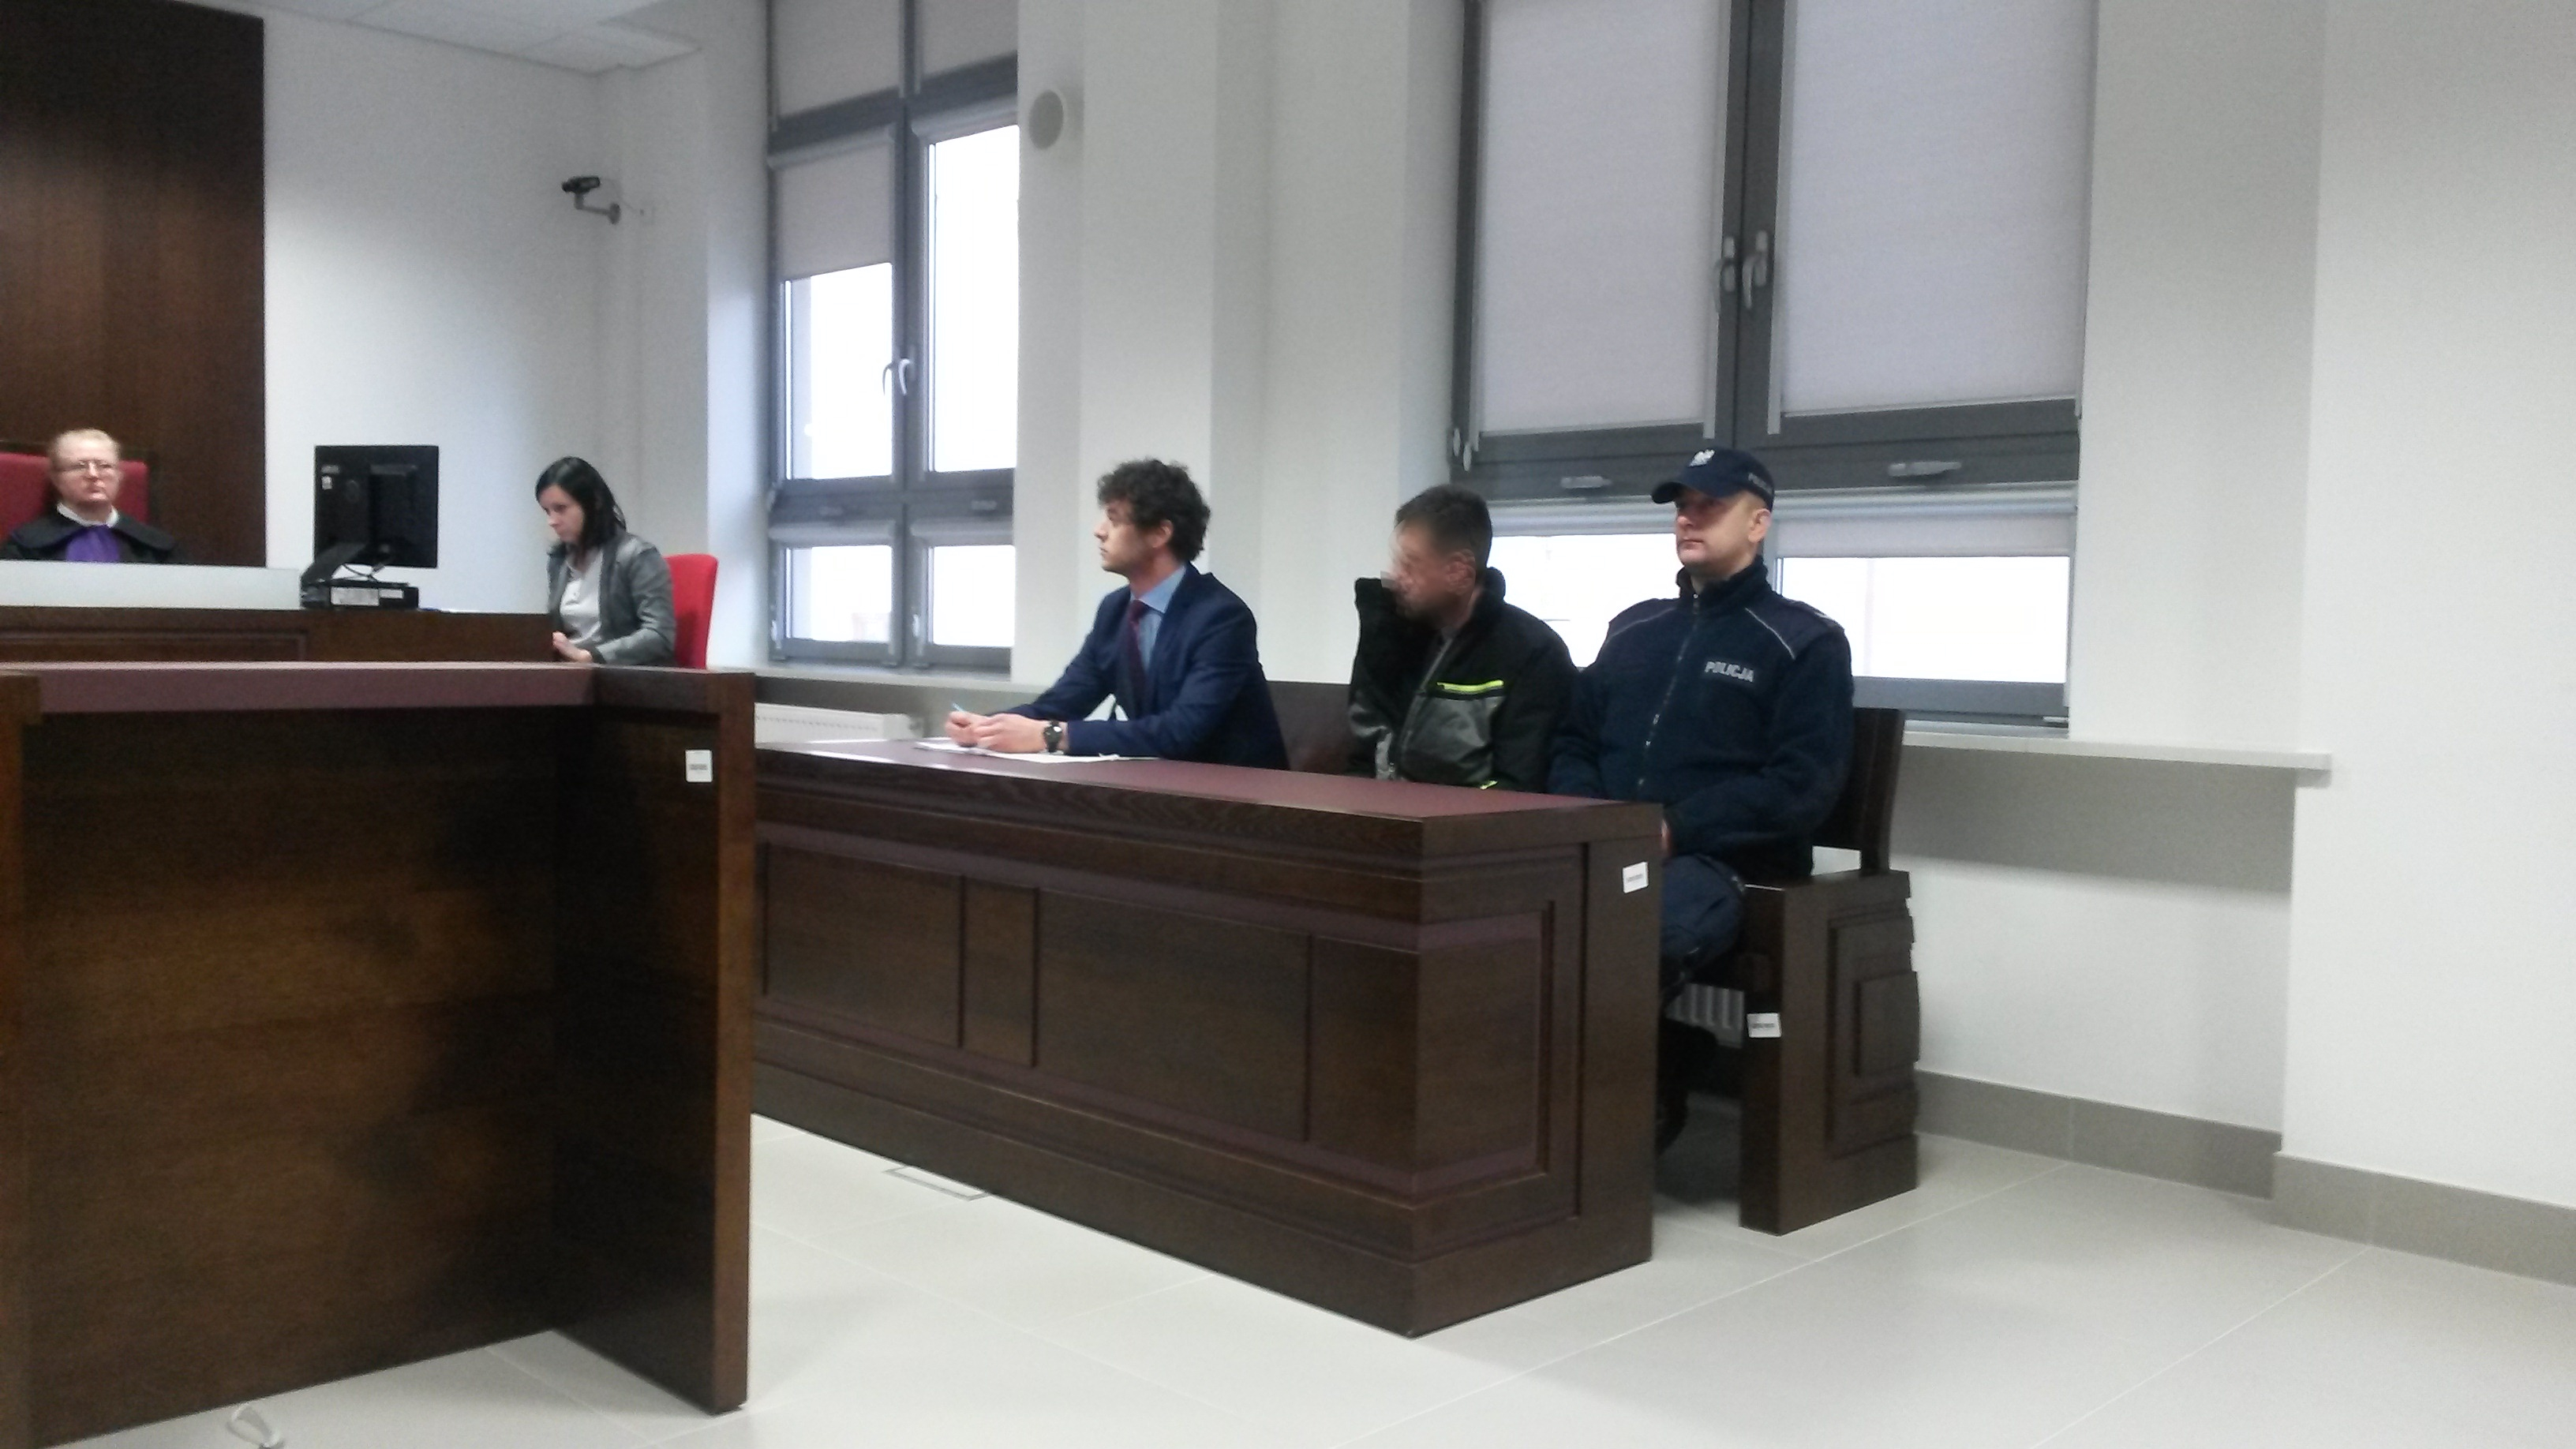 Nie ruszył proces dotyczący zabójstwa w Wierzchowiskach